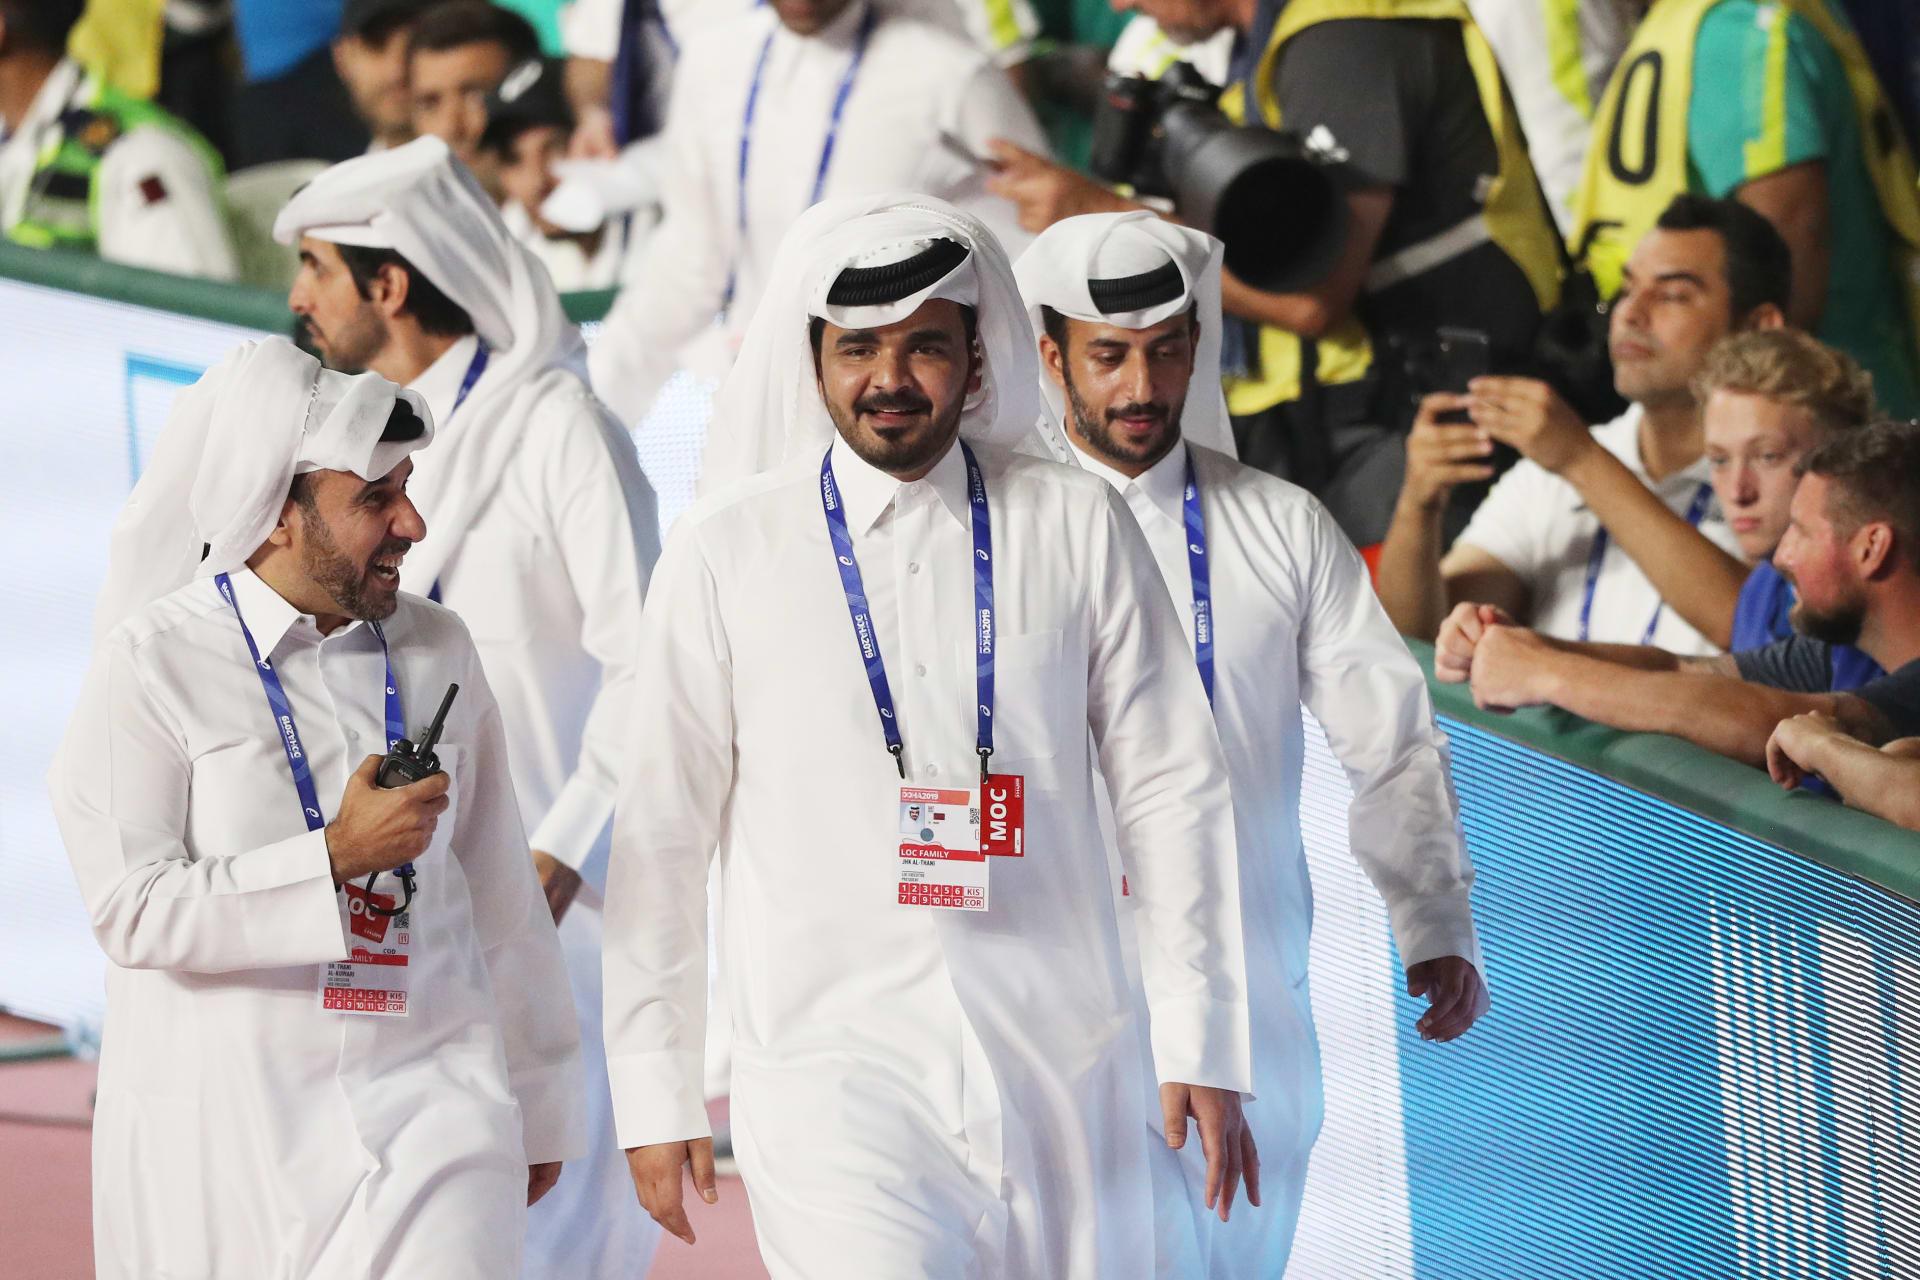 شقيق أمير قطر: الدوحة نقلت باريس سان جيرمان من منافس محلي إلى النخبة الكروية